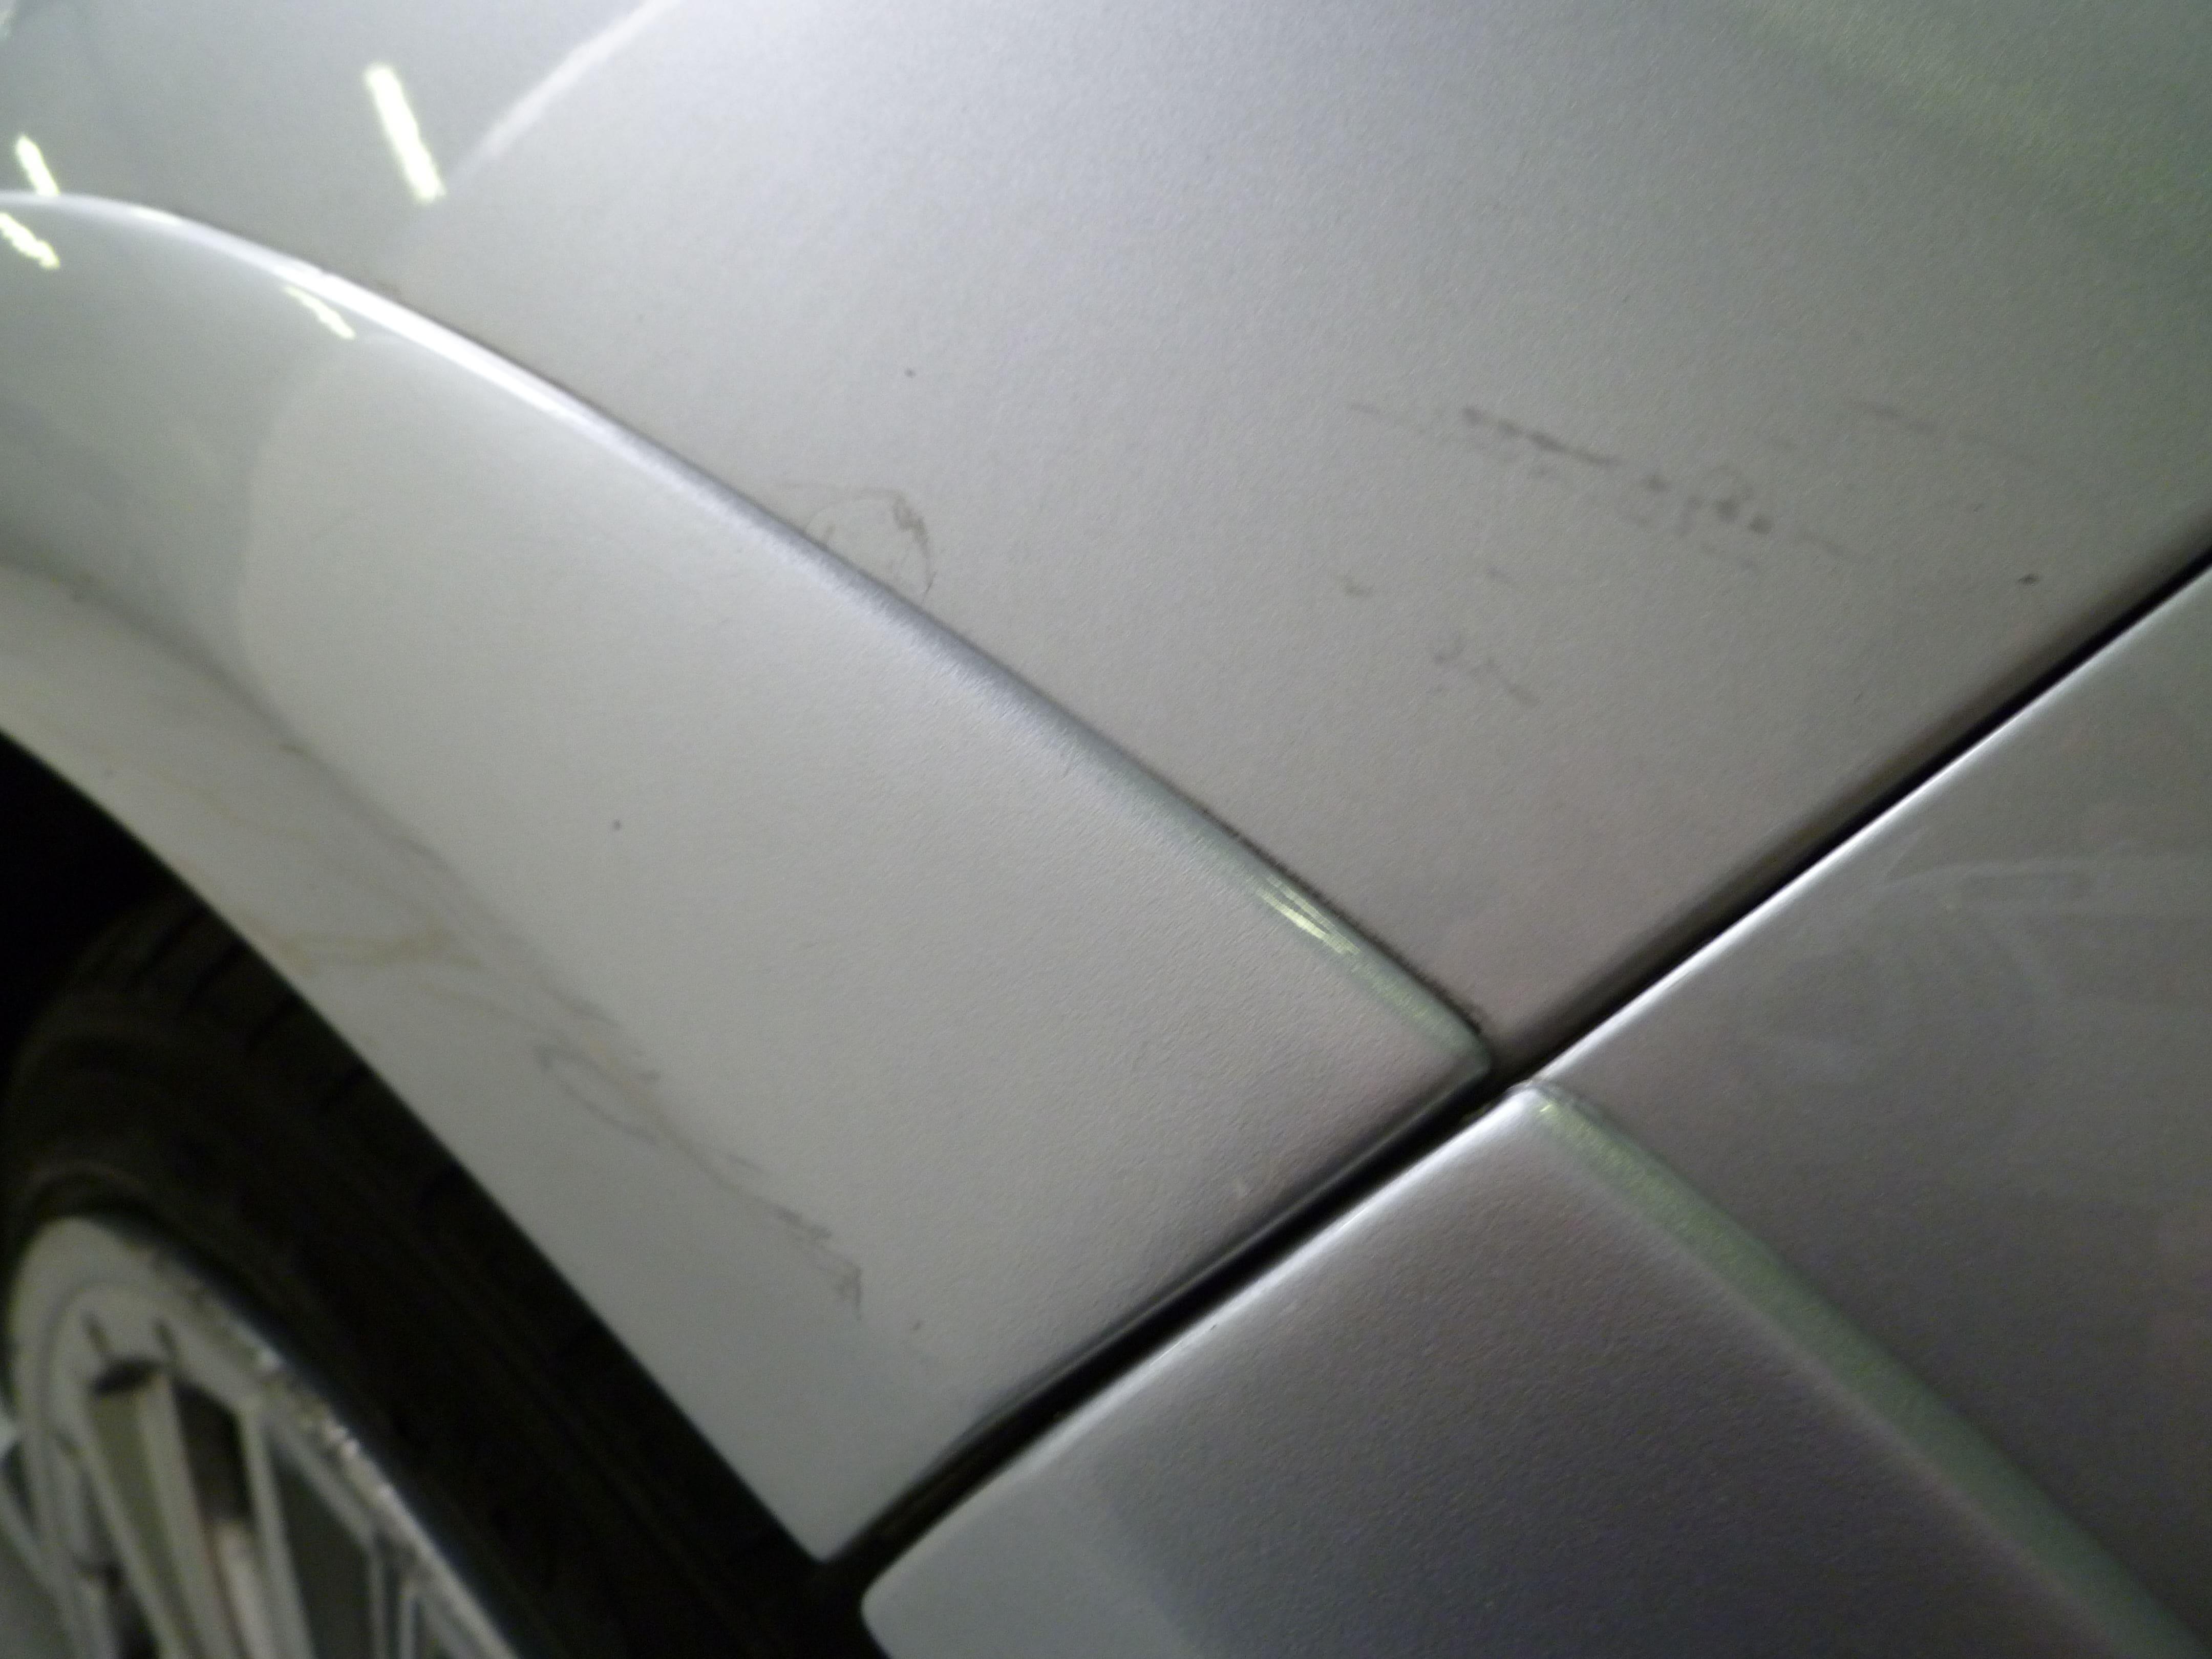 Audi Q7 met Mat Witte Wrap, Carwrapping door Wrapmyride.nu Foto-nr:4936, ©2021